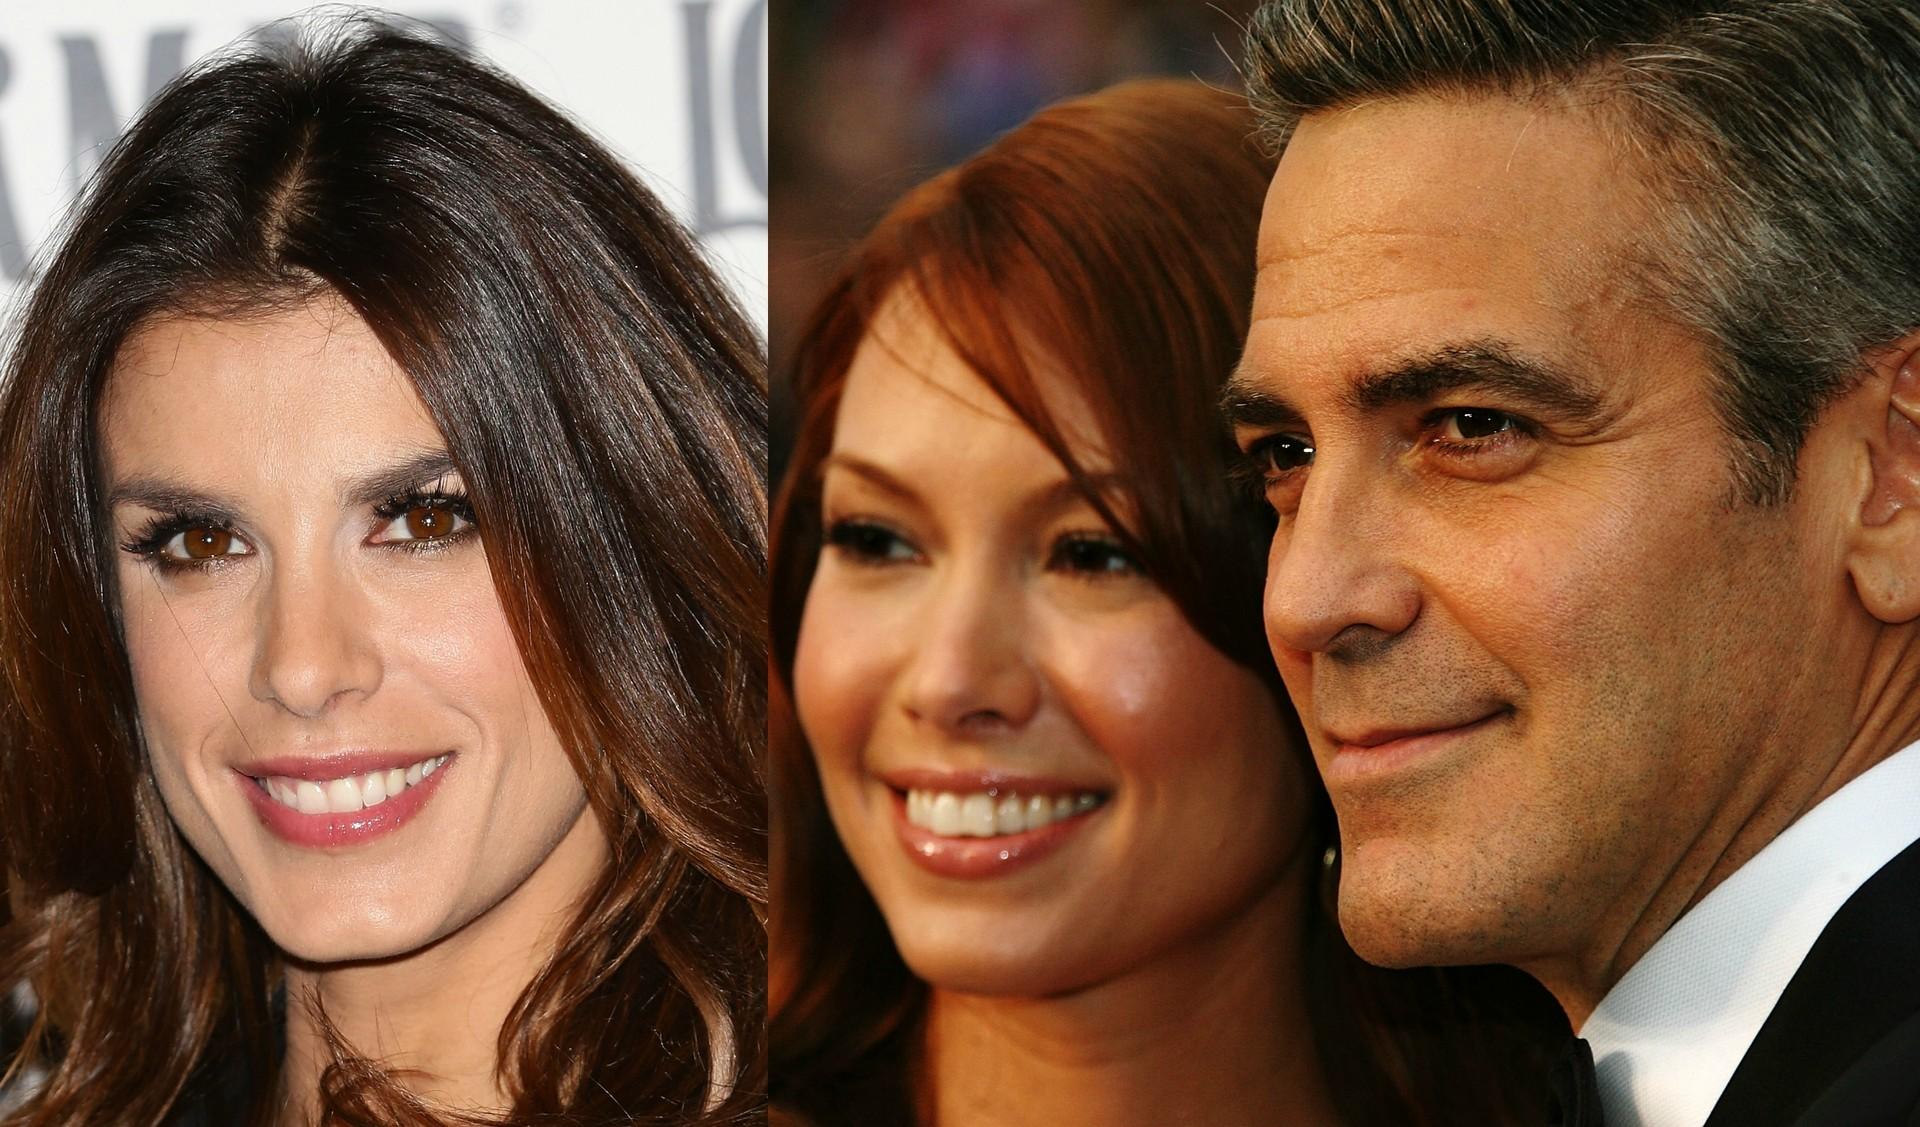 Quando o namoro com a garçonete e bartender Sarah Larson (à dir.) cheogu ao fim, em 2008, George Clooney foi ficar com a atriz e apresentadora italiana Elisabetta Canalis (com quem rompeu em 2011).  (Foto: Getty Images)